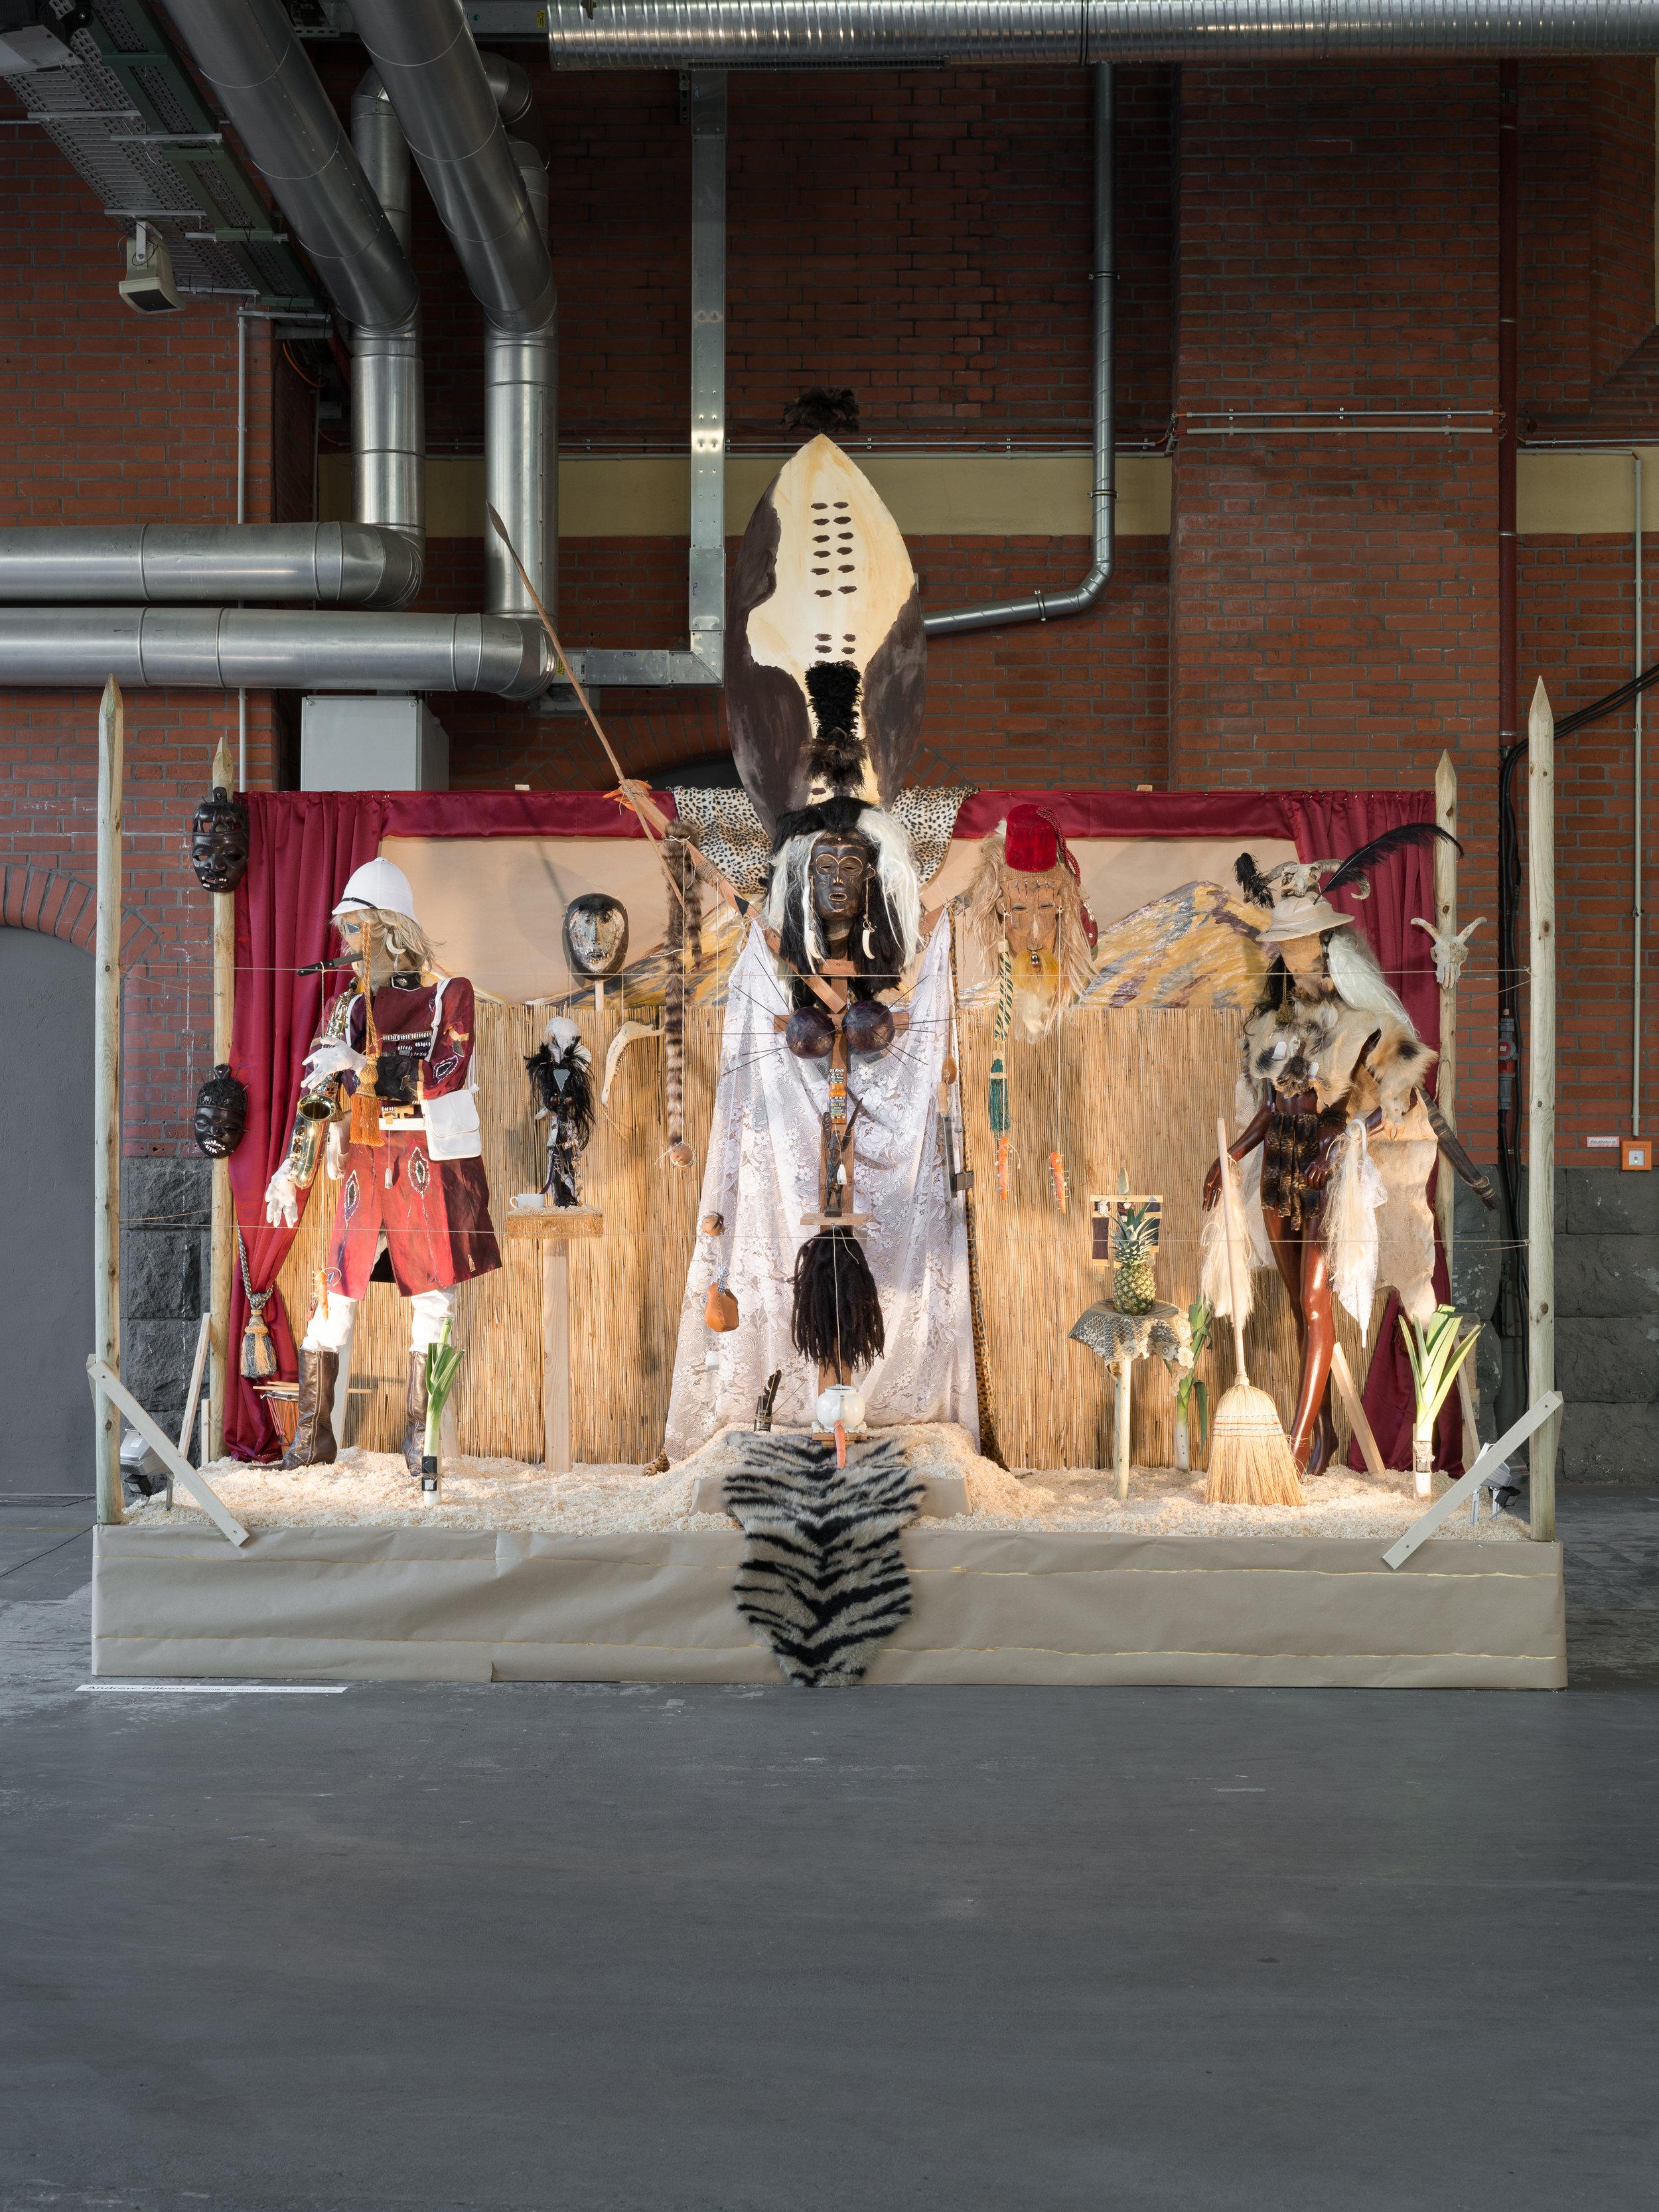 Andrew Gilbert, Shaka Zulu - the Musical, 2016, mixed media, 558 x 540 x 312 cm